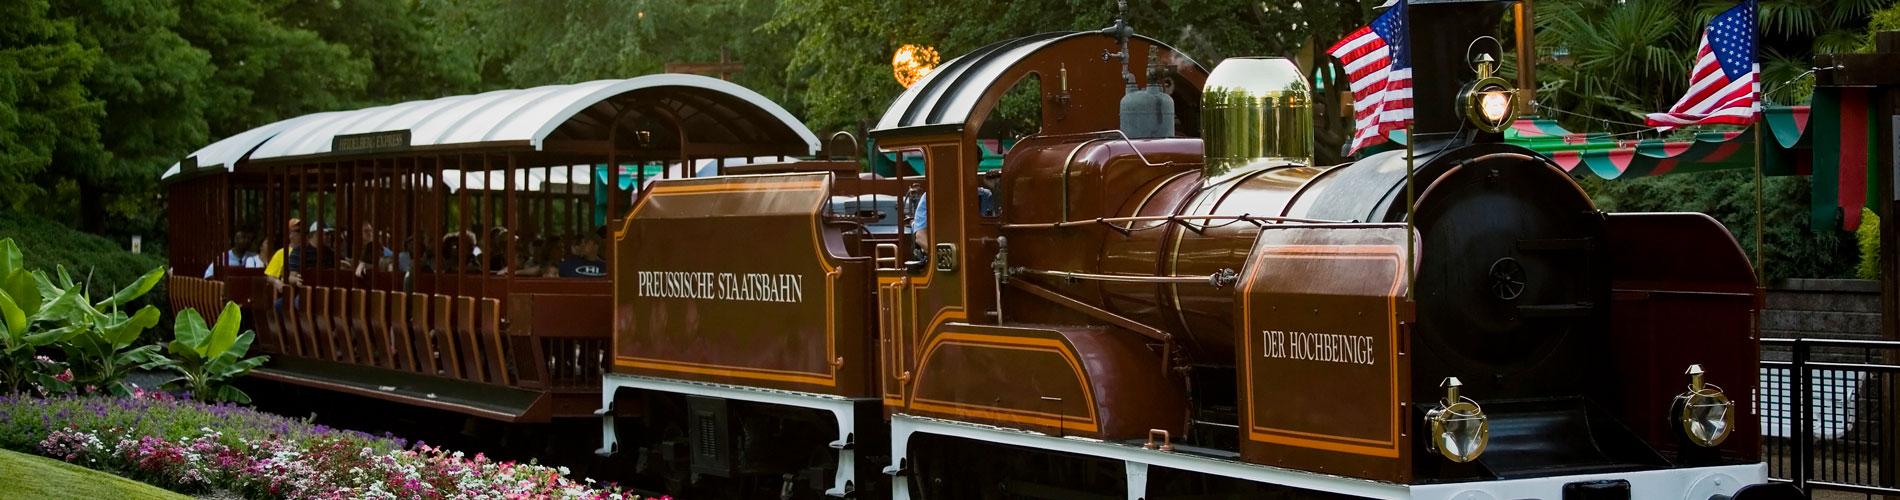 Busch Gardens Railway - Train ride around the park